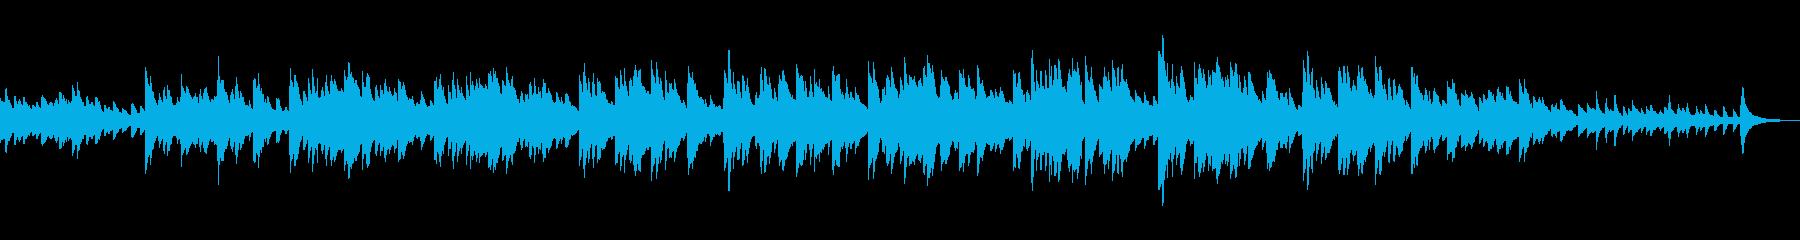 ロマンチックなソフトピアノの再生済みの波形